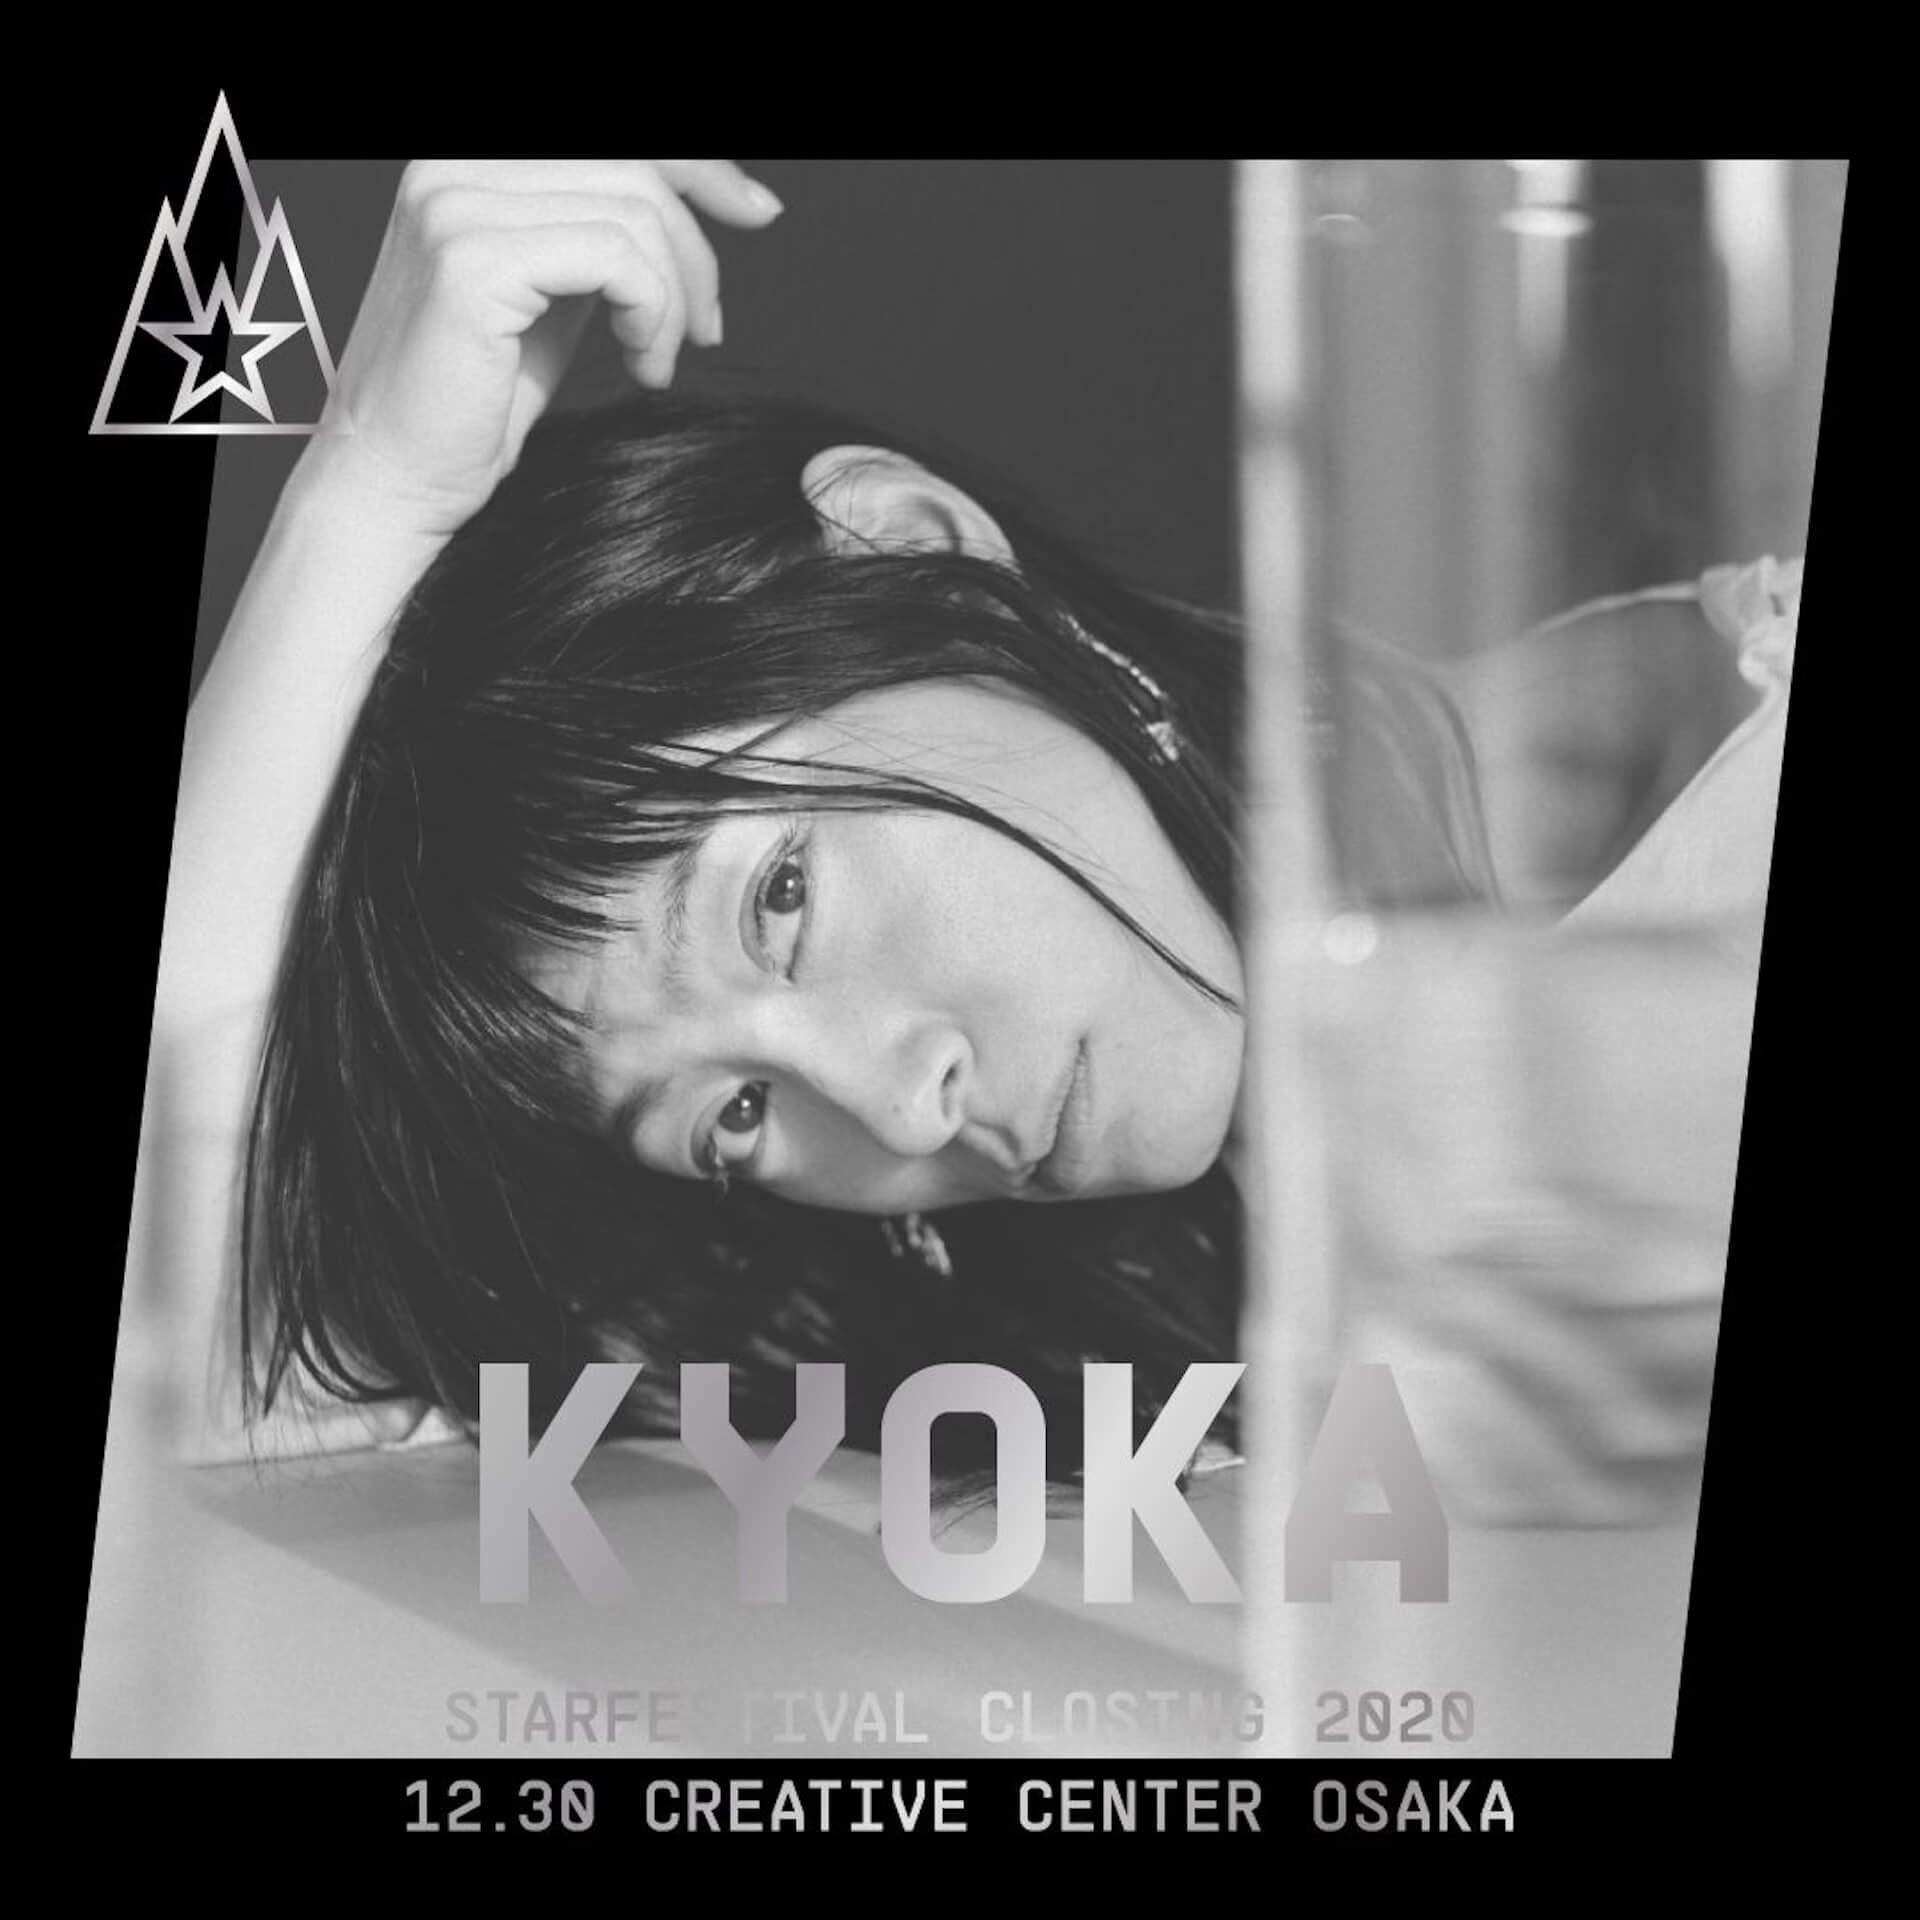 年末パーティー<Starfestival closing 2020>の追加出演者が発表!釈迦坊主、KM、Kyokaらがラインナップ music201216_starfestival2020_artist_6